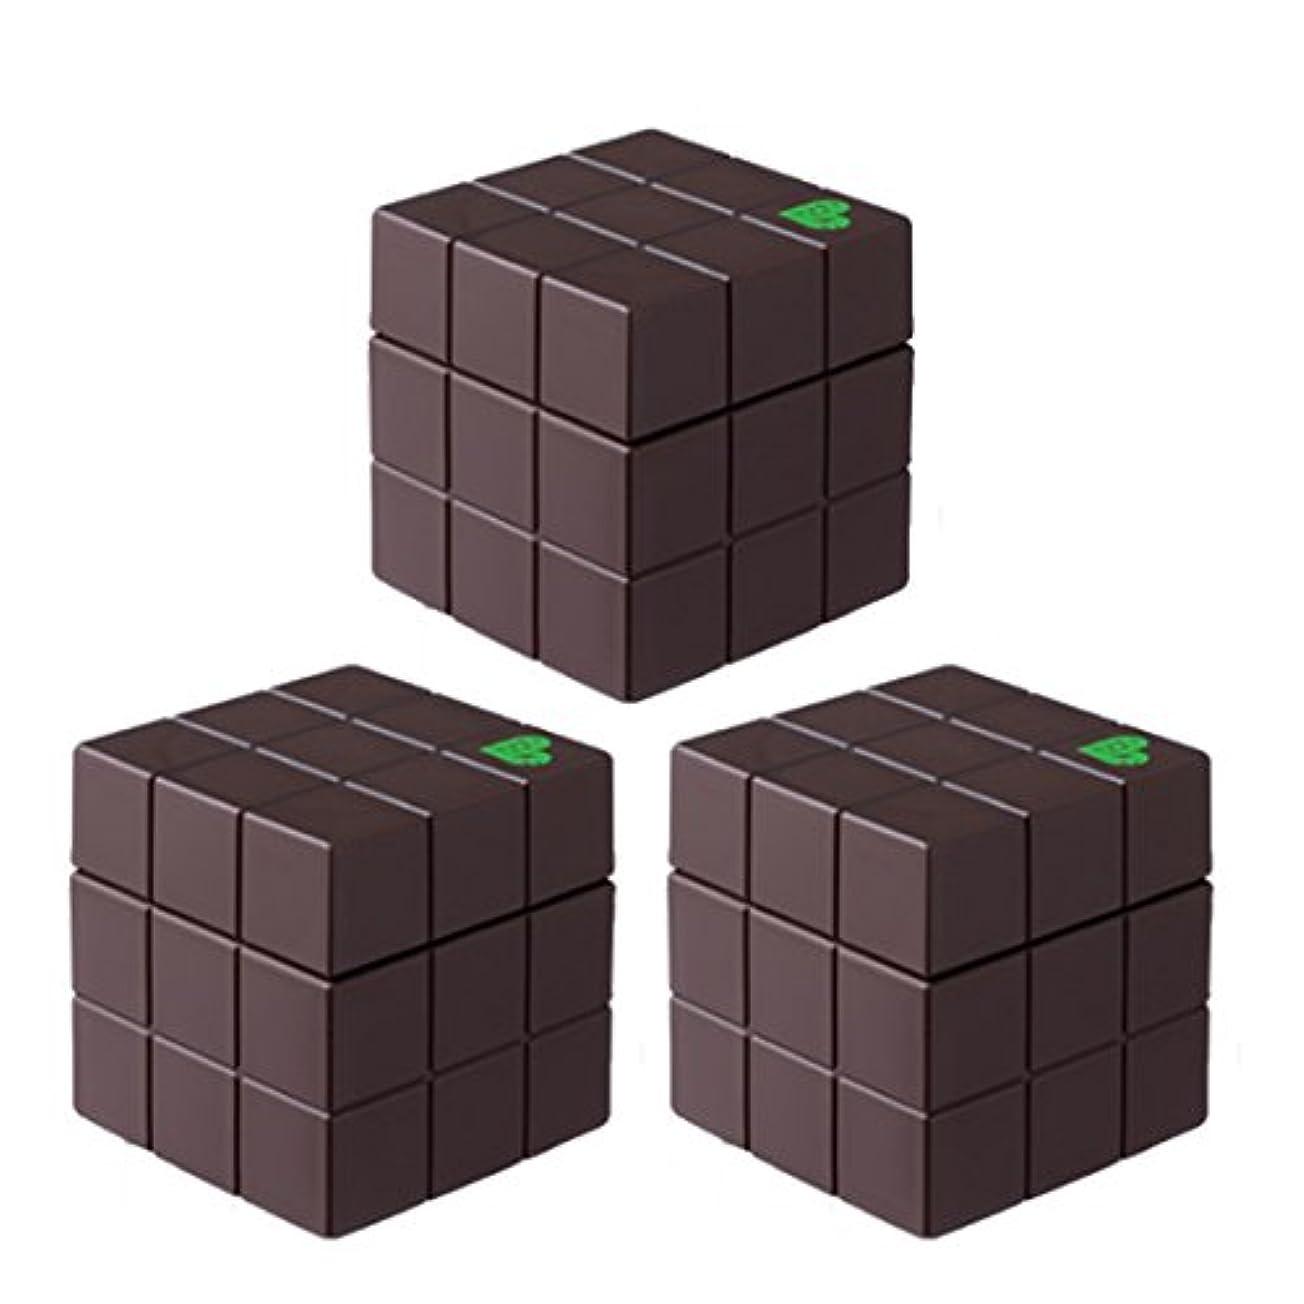 ビタミン非効率的な前奏曲【X3個セット】 アリミノ ピース プロデザインシリーズ ハードワックス チョコ 80g ARIMINO